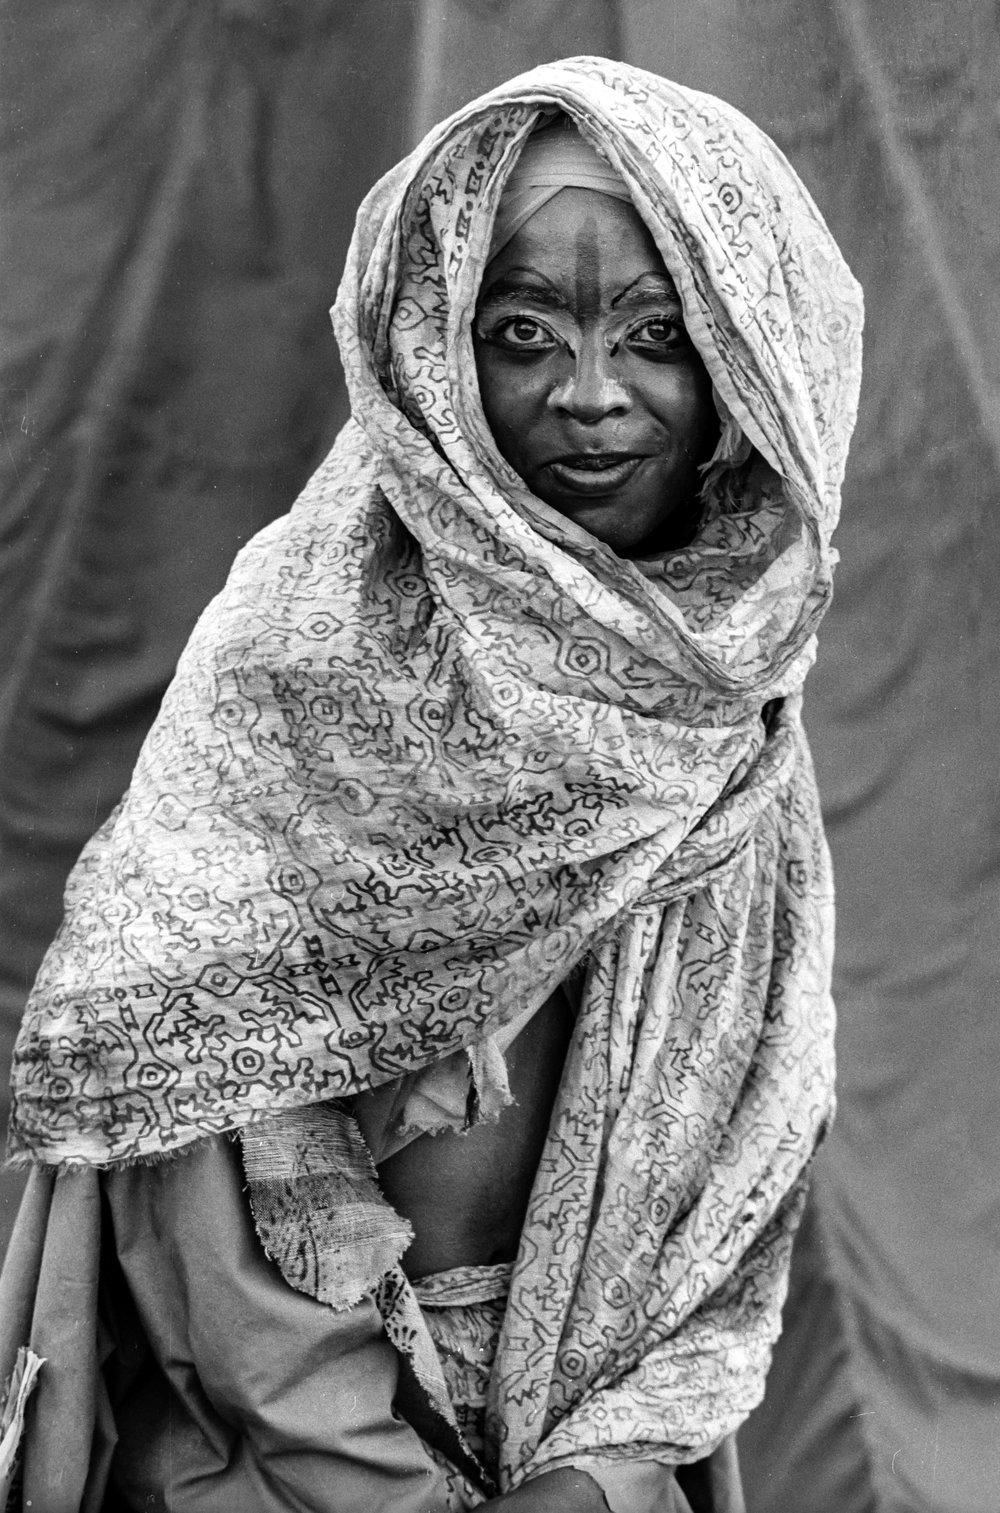 indianwoman.jpg